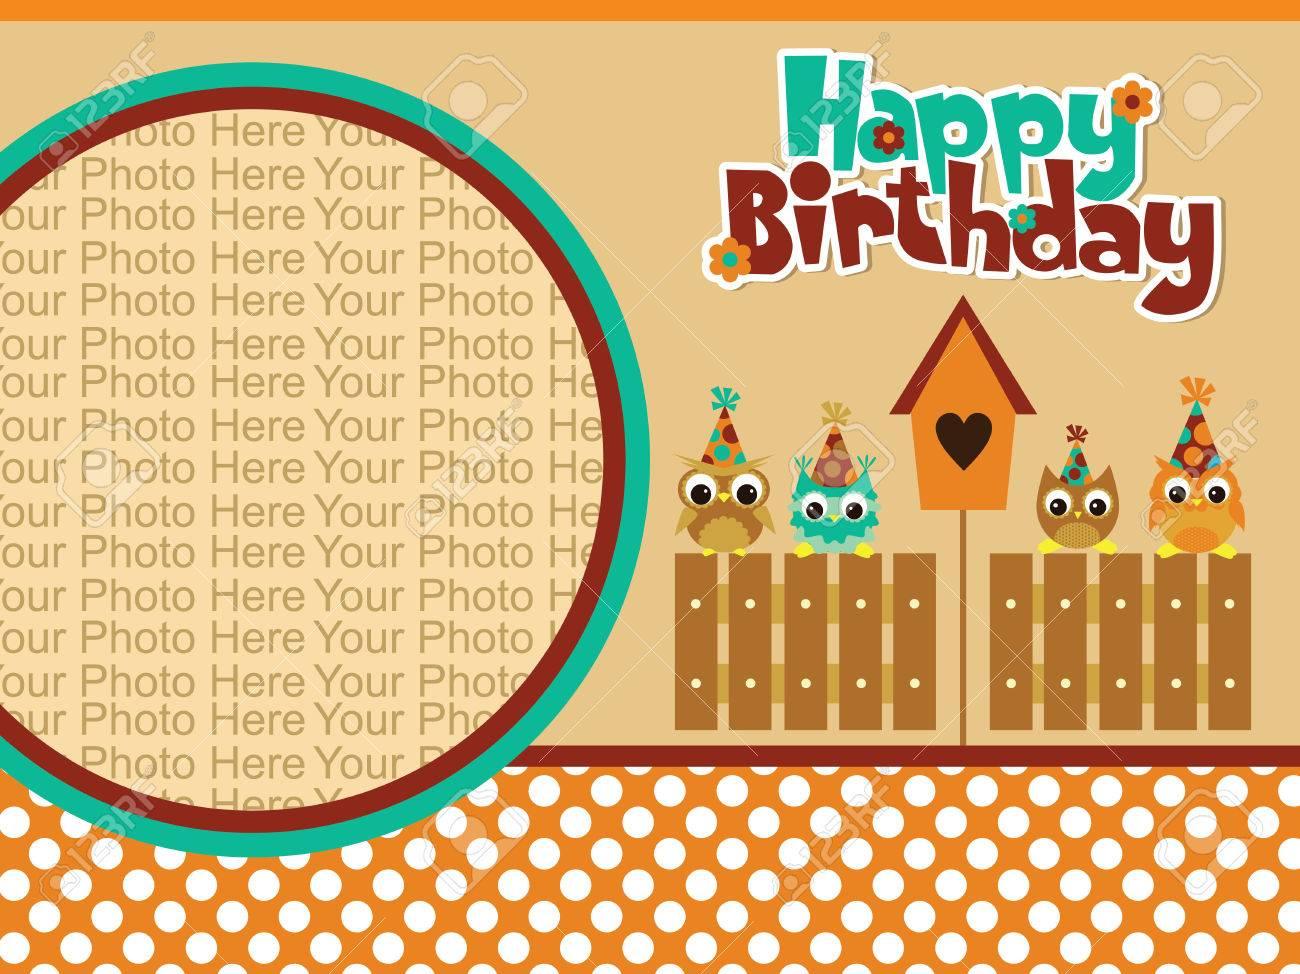 Happy birthday invitation card design vector illustration royalty happy birthday invitation card design vector illustration stock vector 26905971 stopboris Gallery